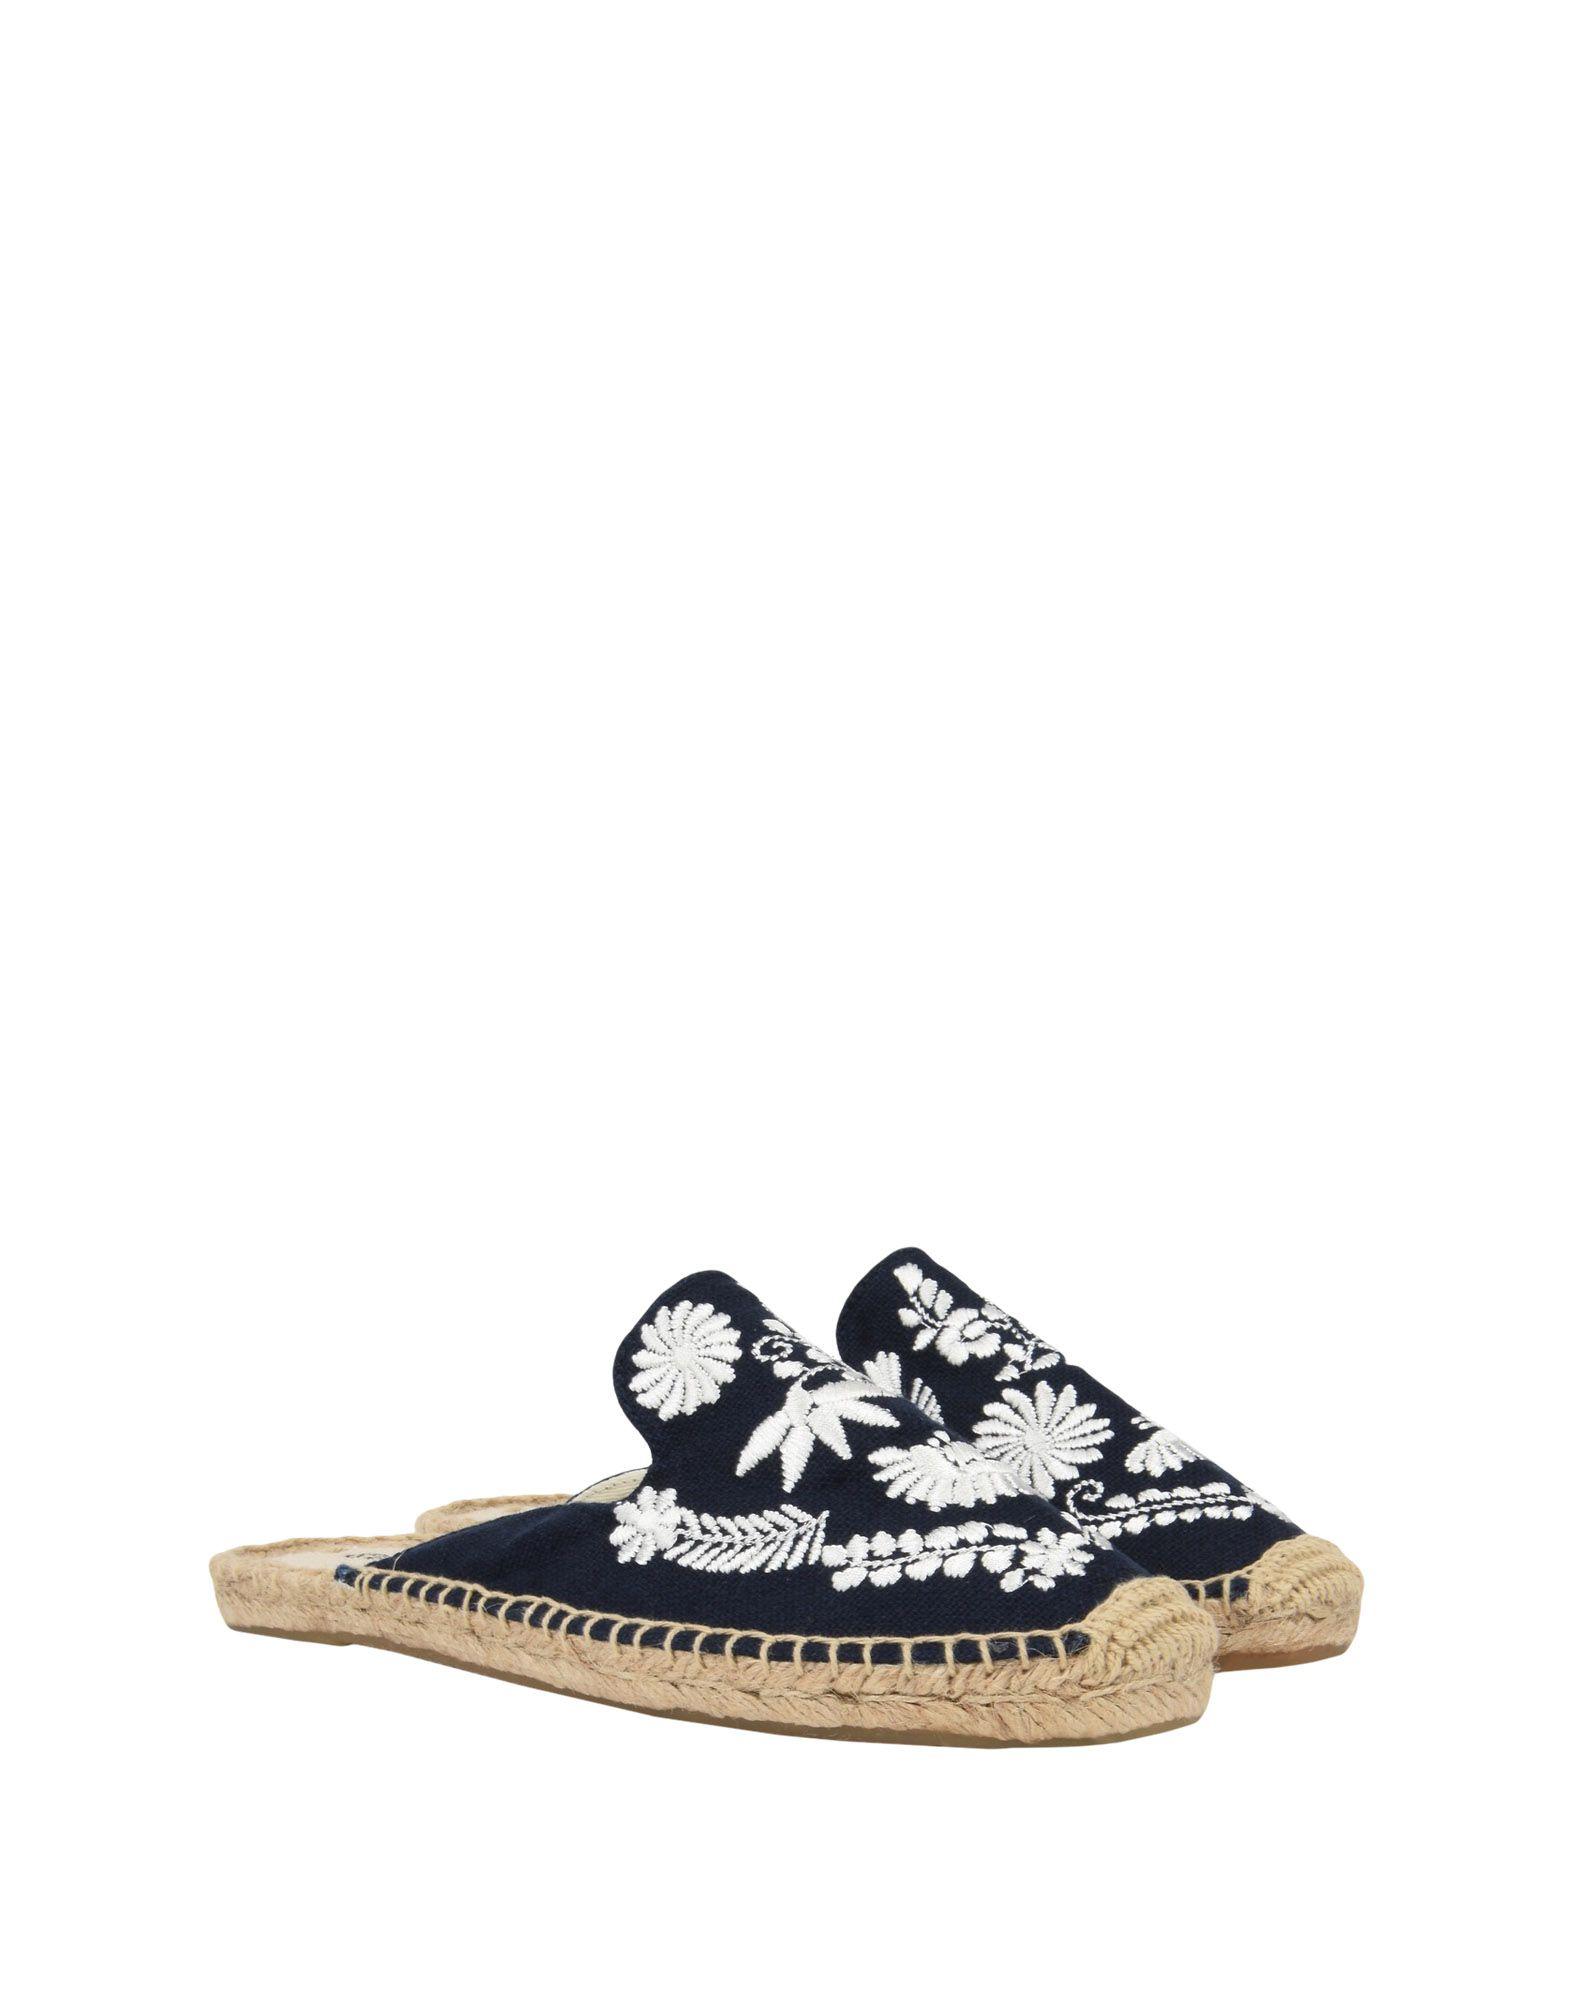 Soludos Ibiza Embroidered Qualität Mule  11477852DV Gute Qualität Embroidered beliebte Schuhe c4679f